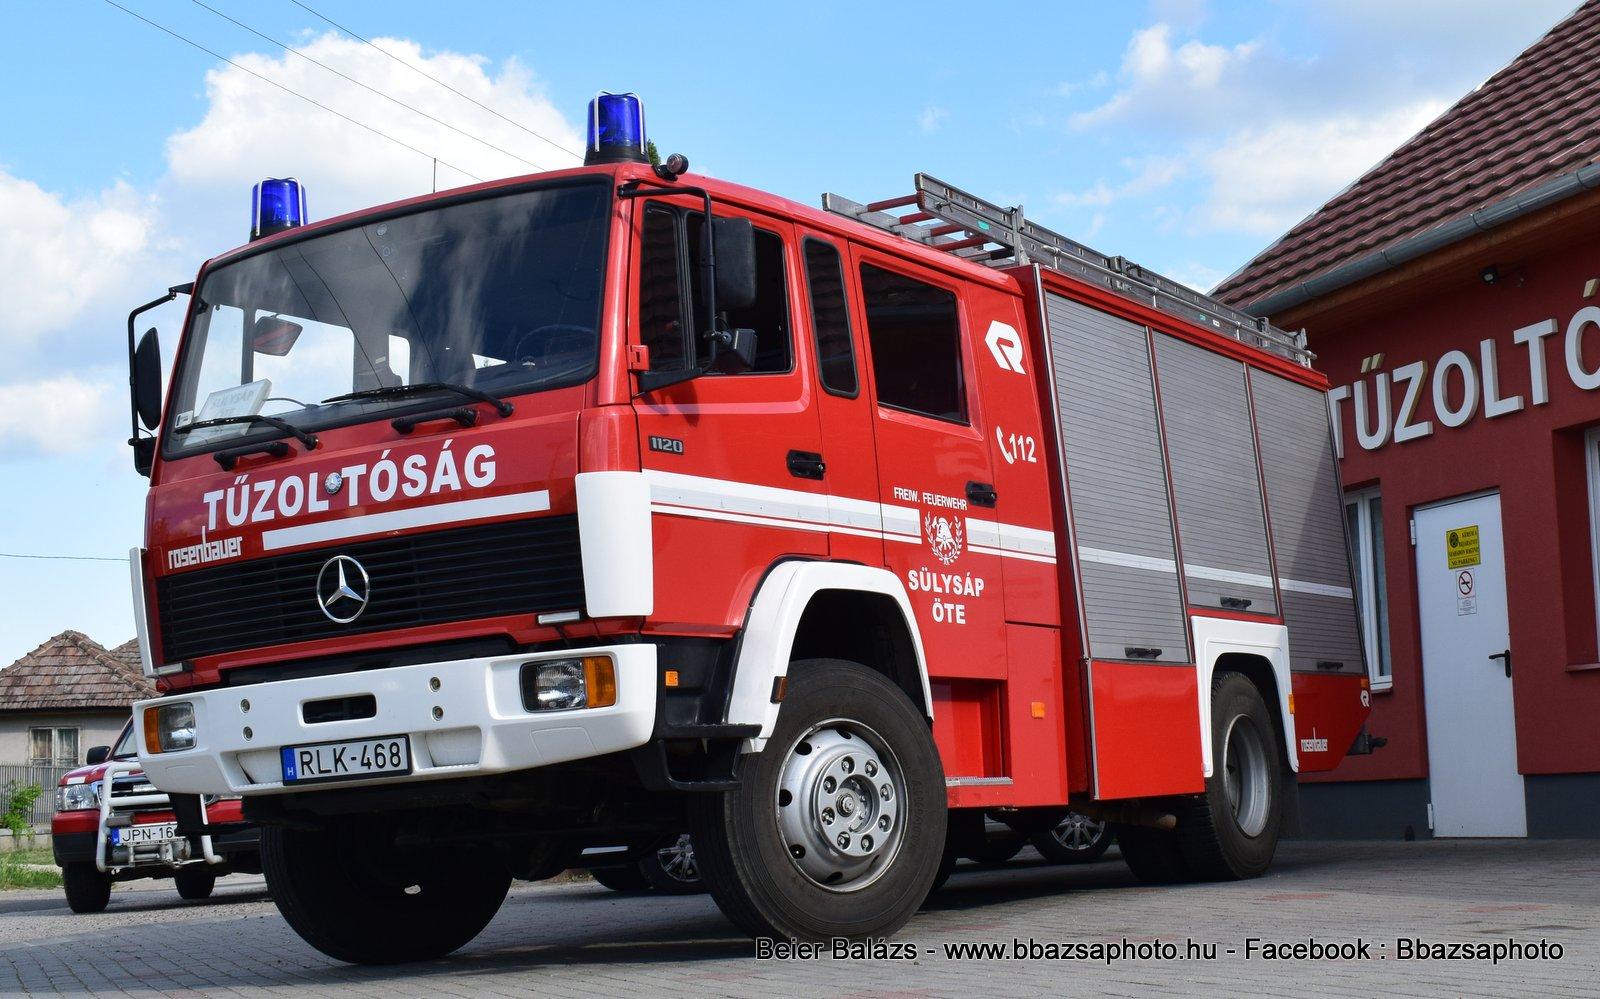 Mercedes 1120 Rosenbauer Herkules – Sülysáp ÖTE